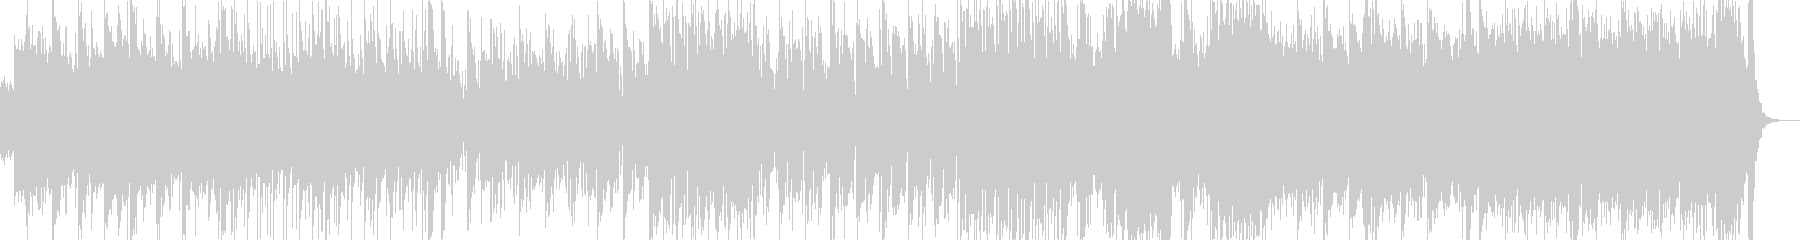 三味線・尺八・琴・和太鼓とストリングスの未再生の波形